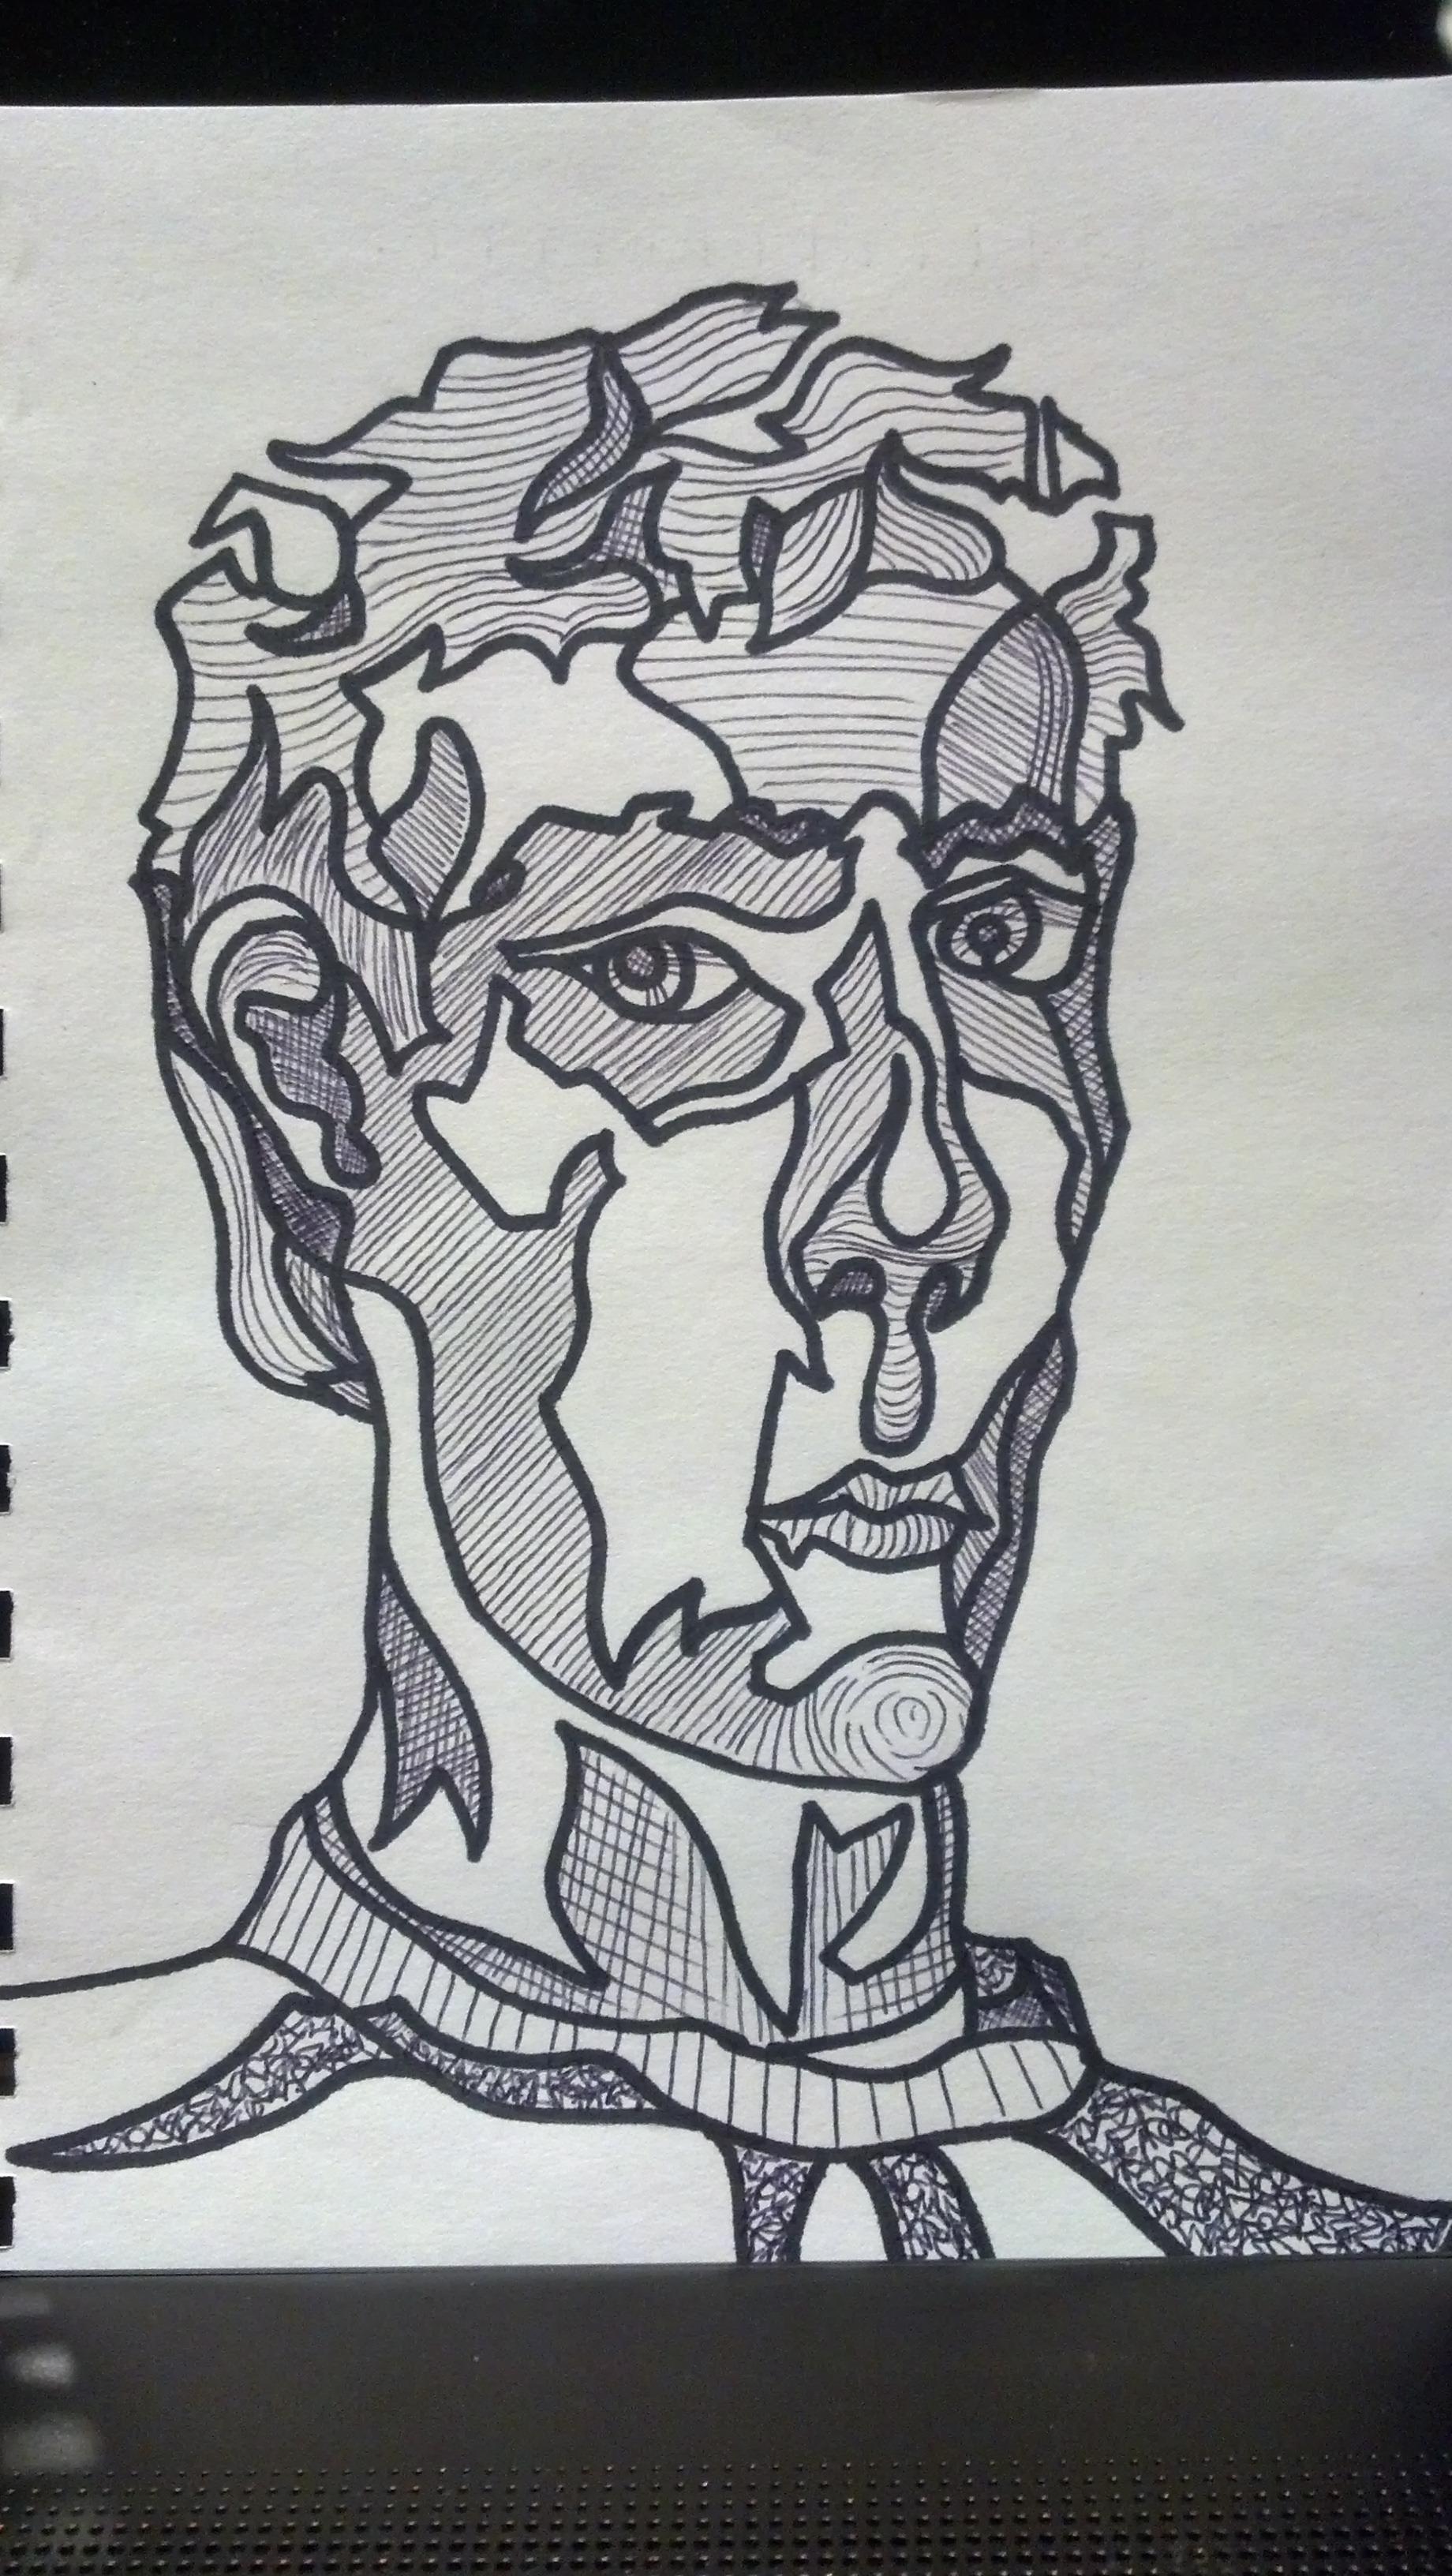 Blind Contour Line Drawing Definition Contour Line Portrait Drawing